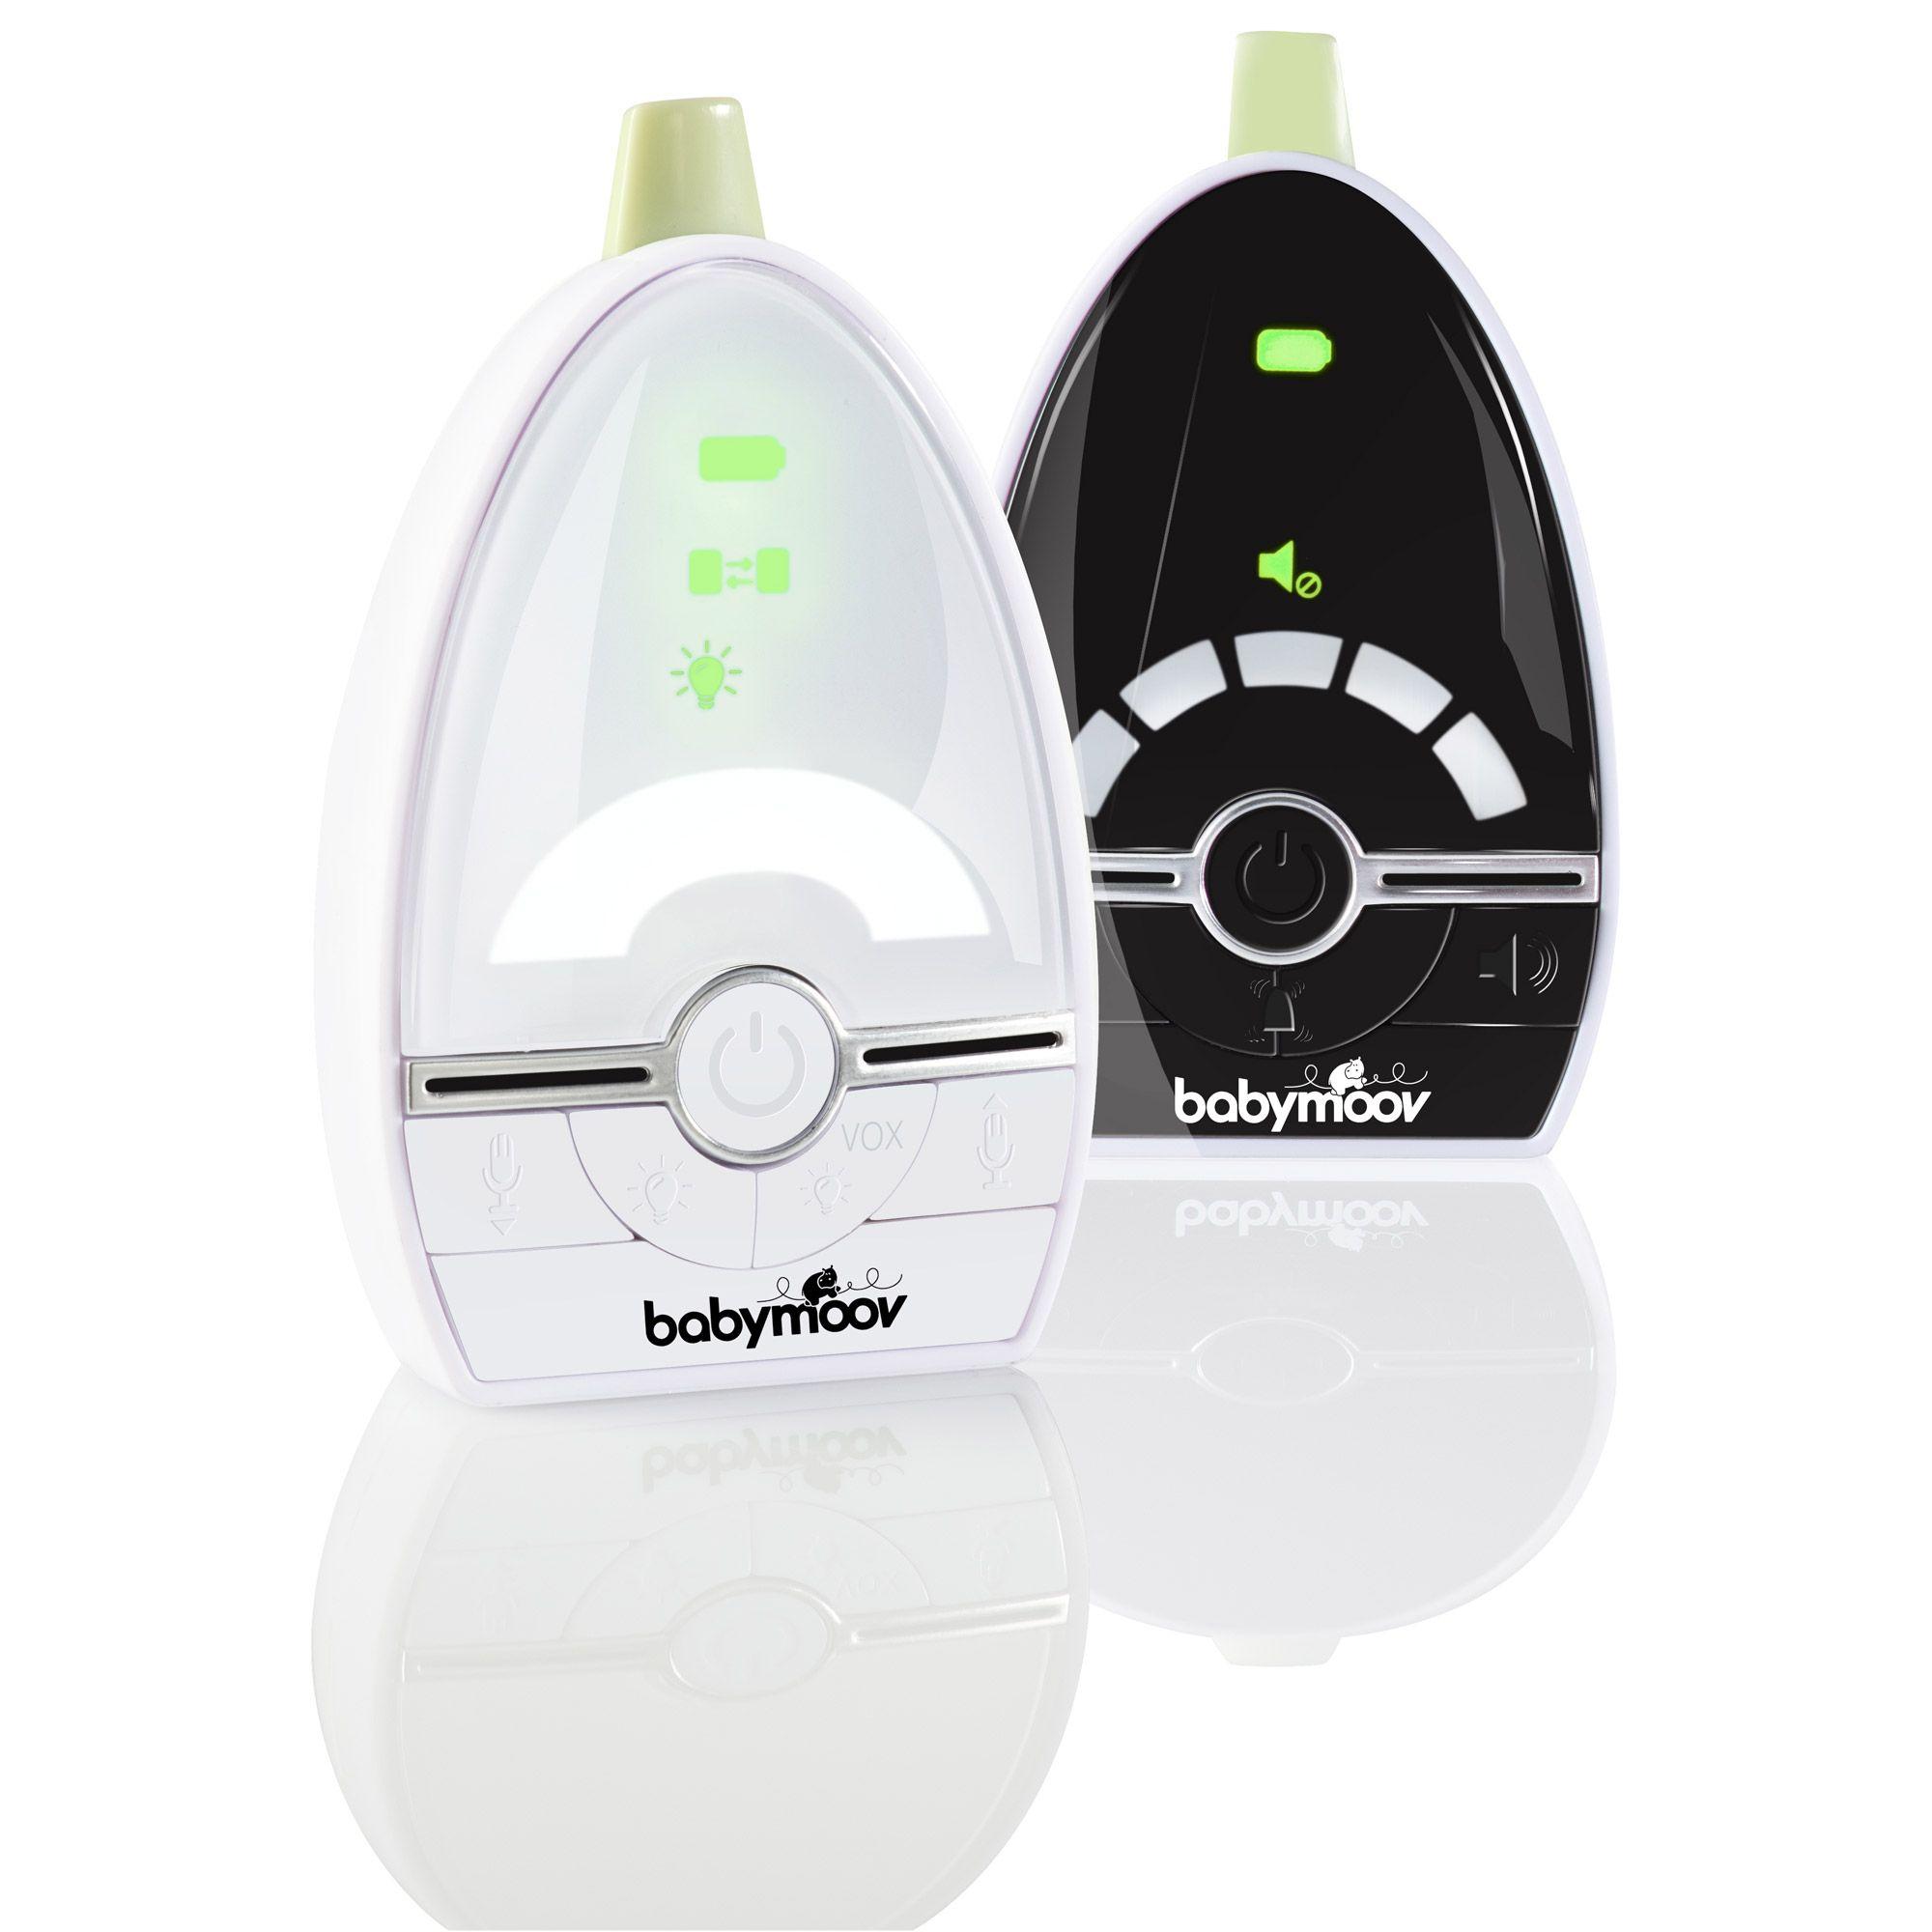 Babyphone Expert Care nouveau modèle